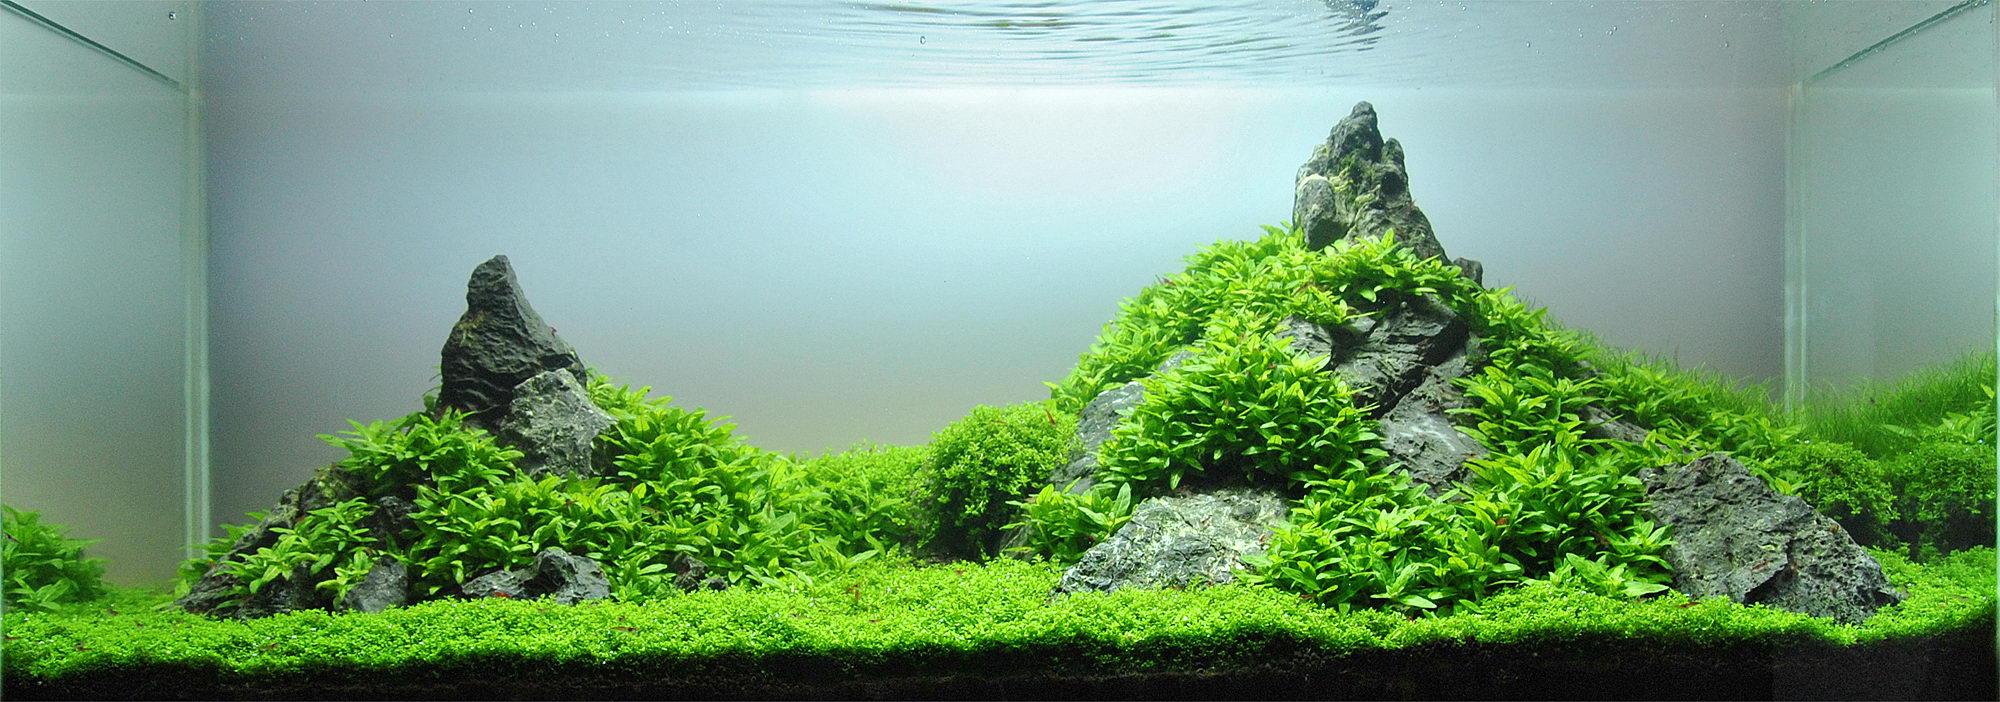 Lennart J?hnk and Aquascaping - Aqua Rebell